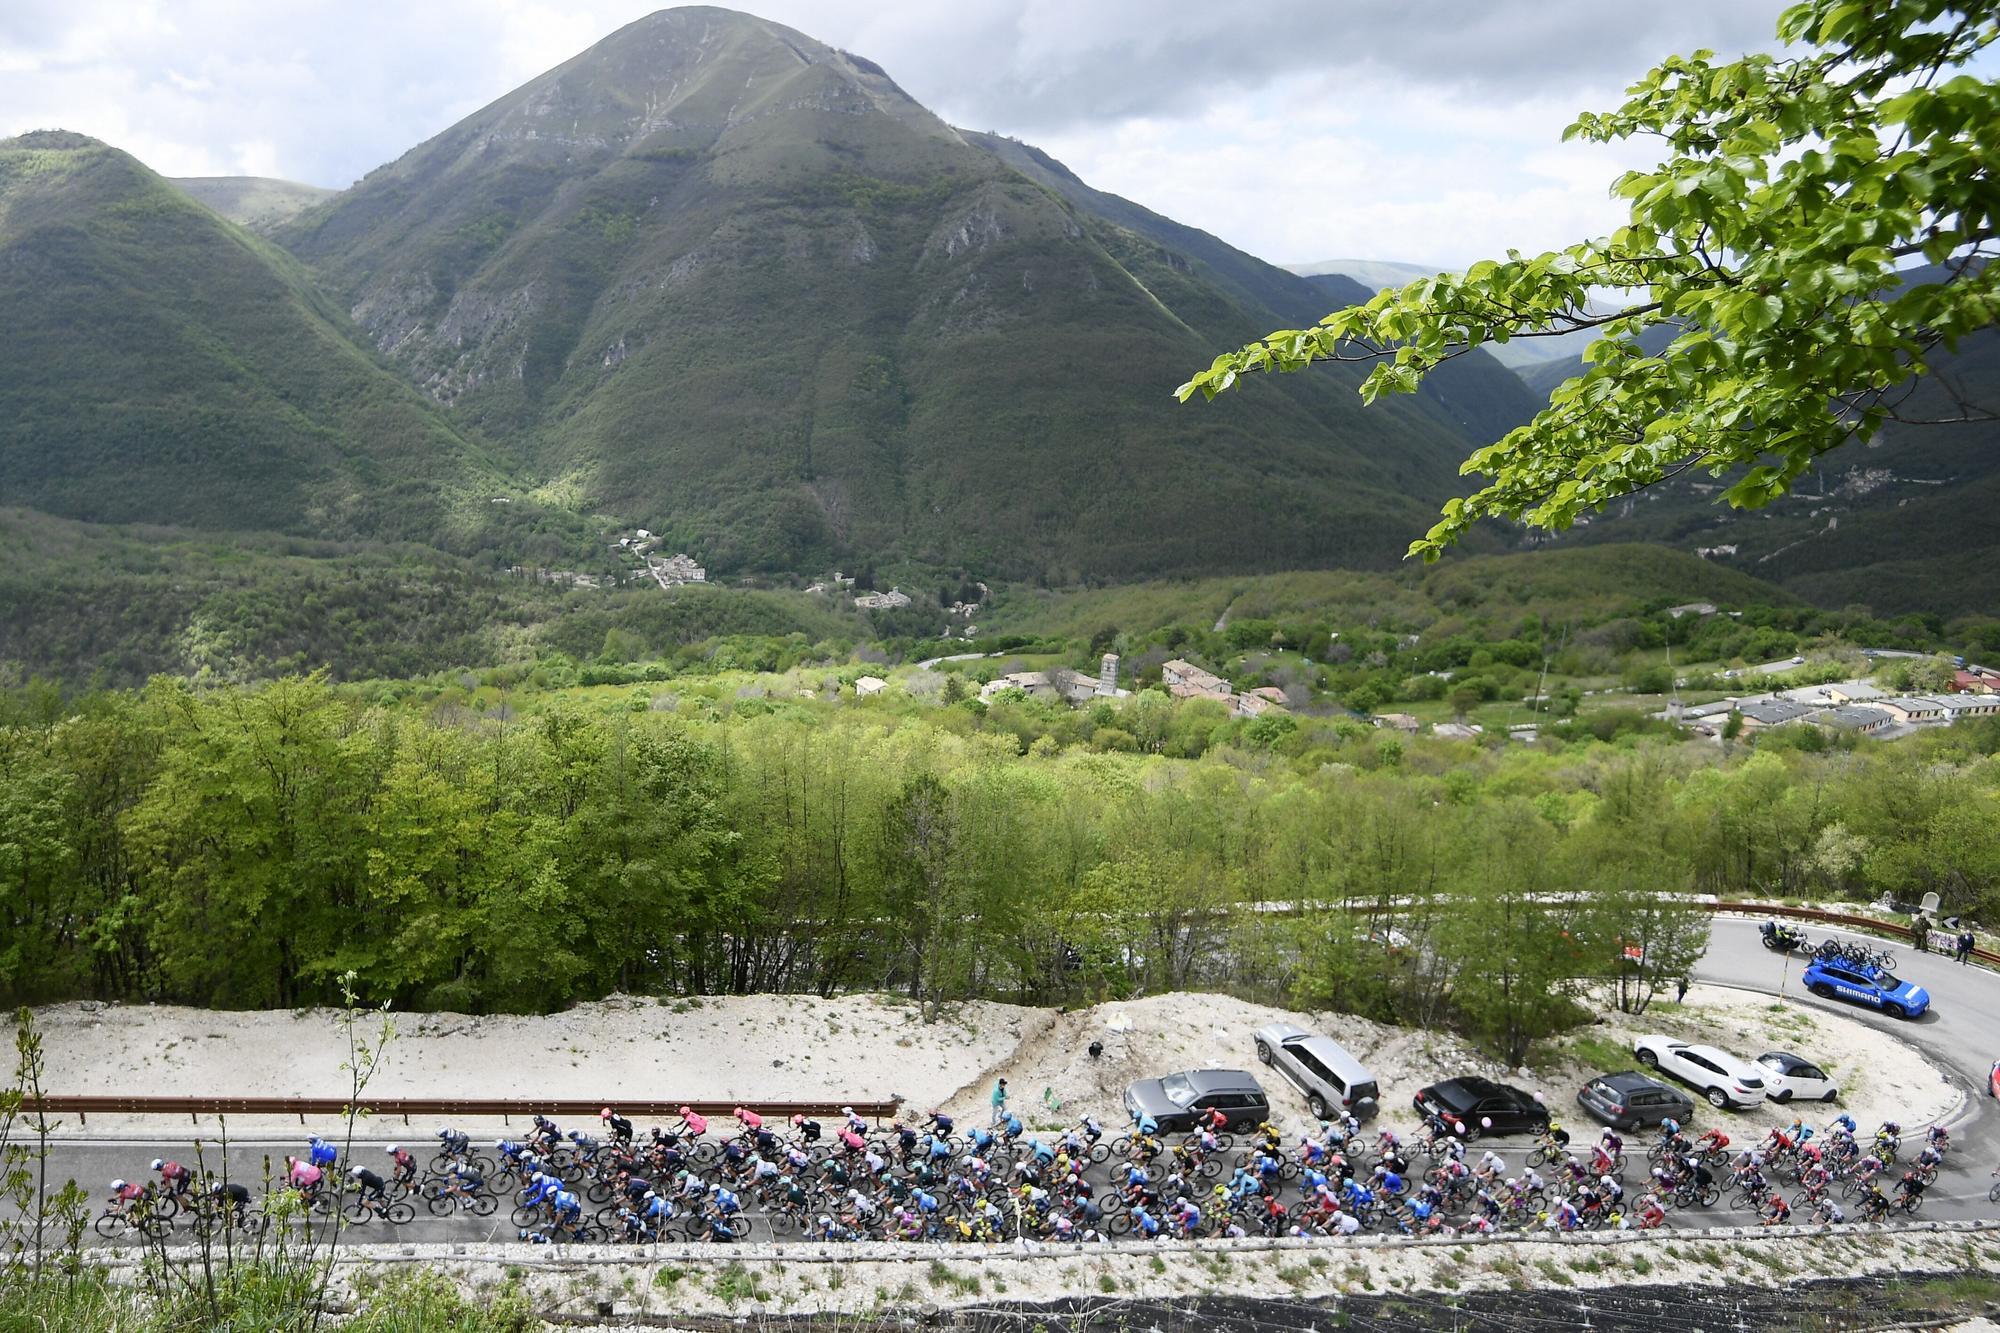 Giro de Italia | Grotte di Frasassi - Ascoli Piceno